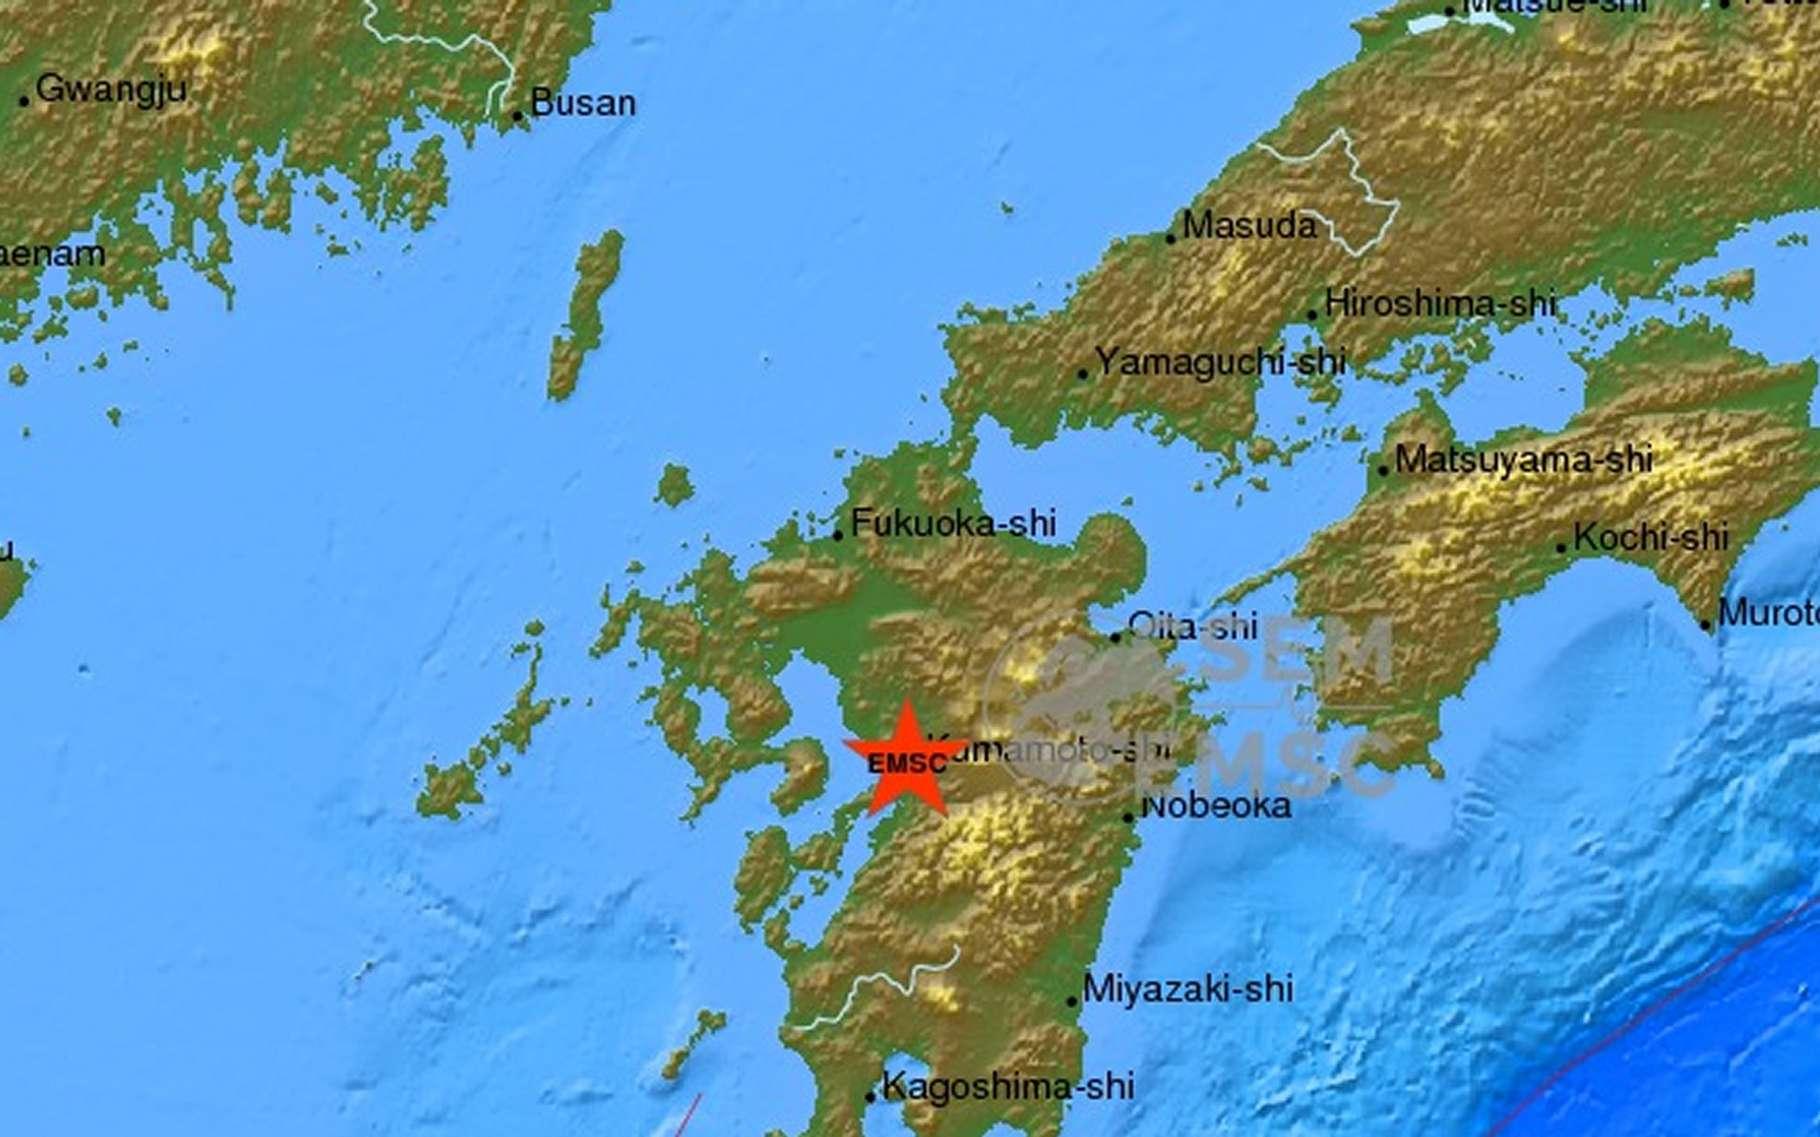 La série de séismes s'est produite au sud de l'archipel nippon, sur l'île de Kyūshū. Les magnitudes, qui déterminent la puissance de l'évènement, varient selon les sources. © CSEM/EMSC